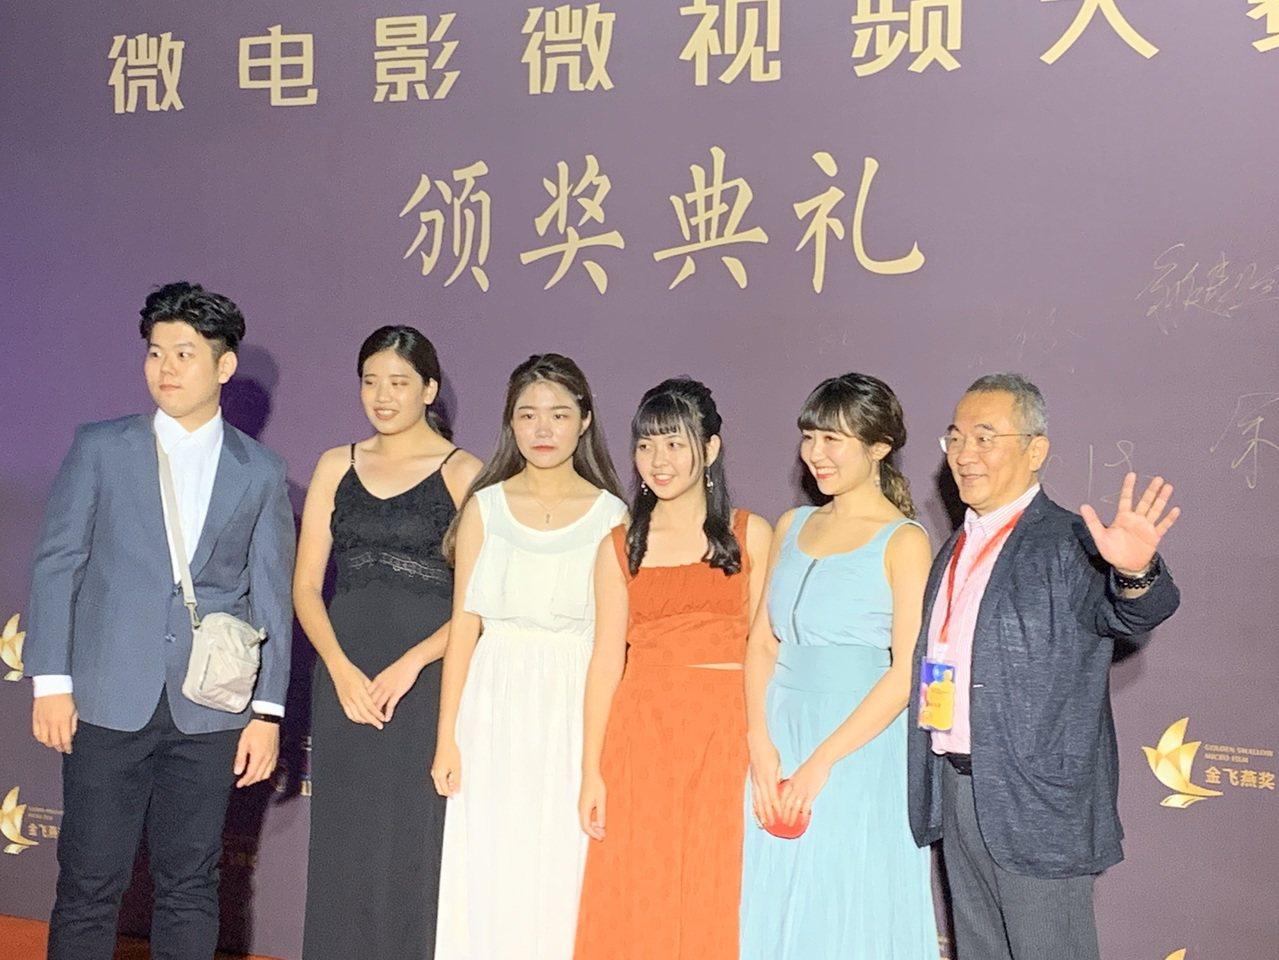 亞洲大學張建人教授率領團隊於紅毯前留影。記者 許玉娟/攝影